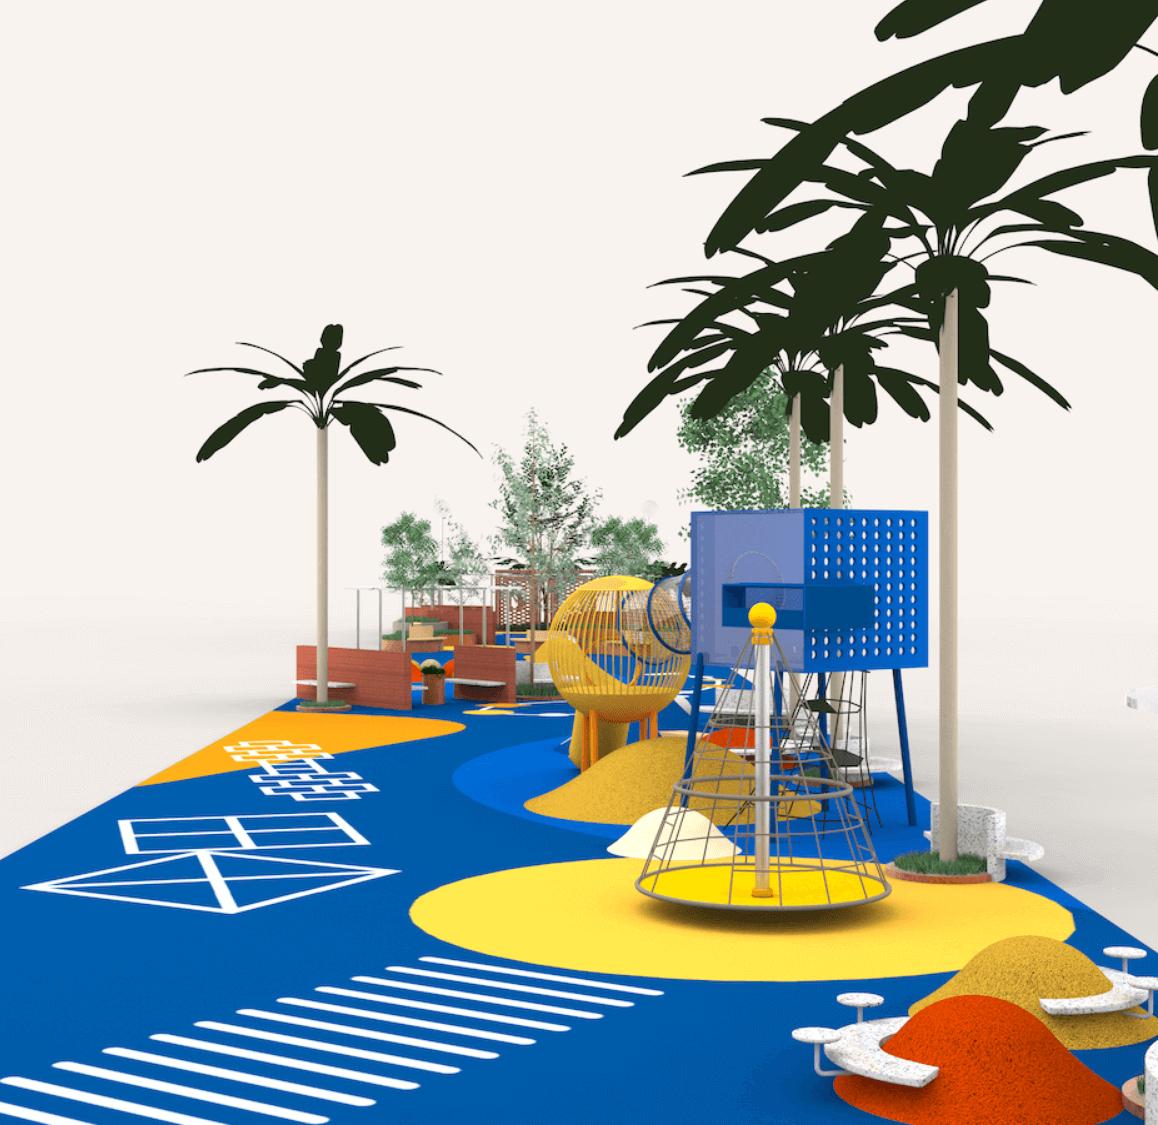 (受訪者提供)荃灣二陂坊遊樂場的新設計